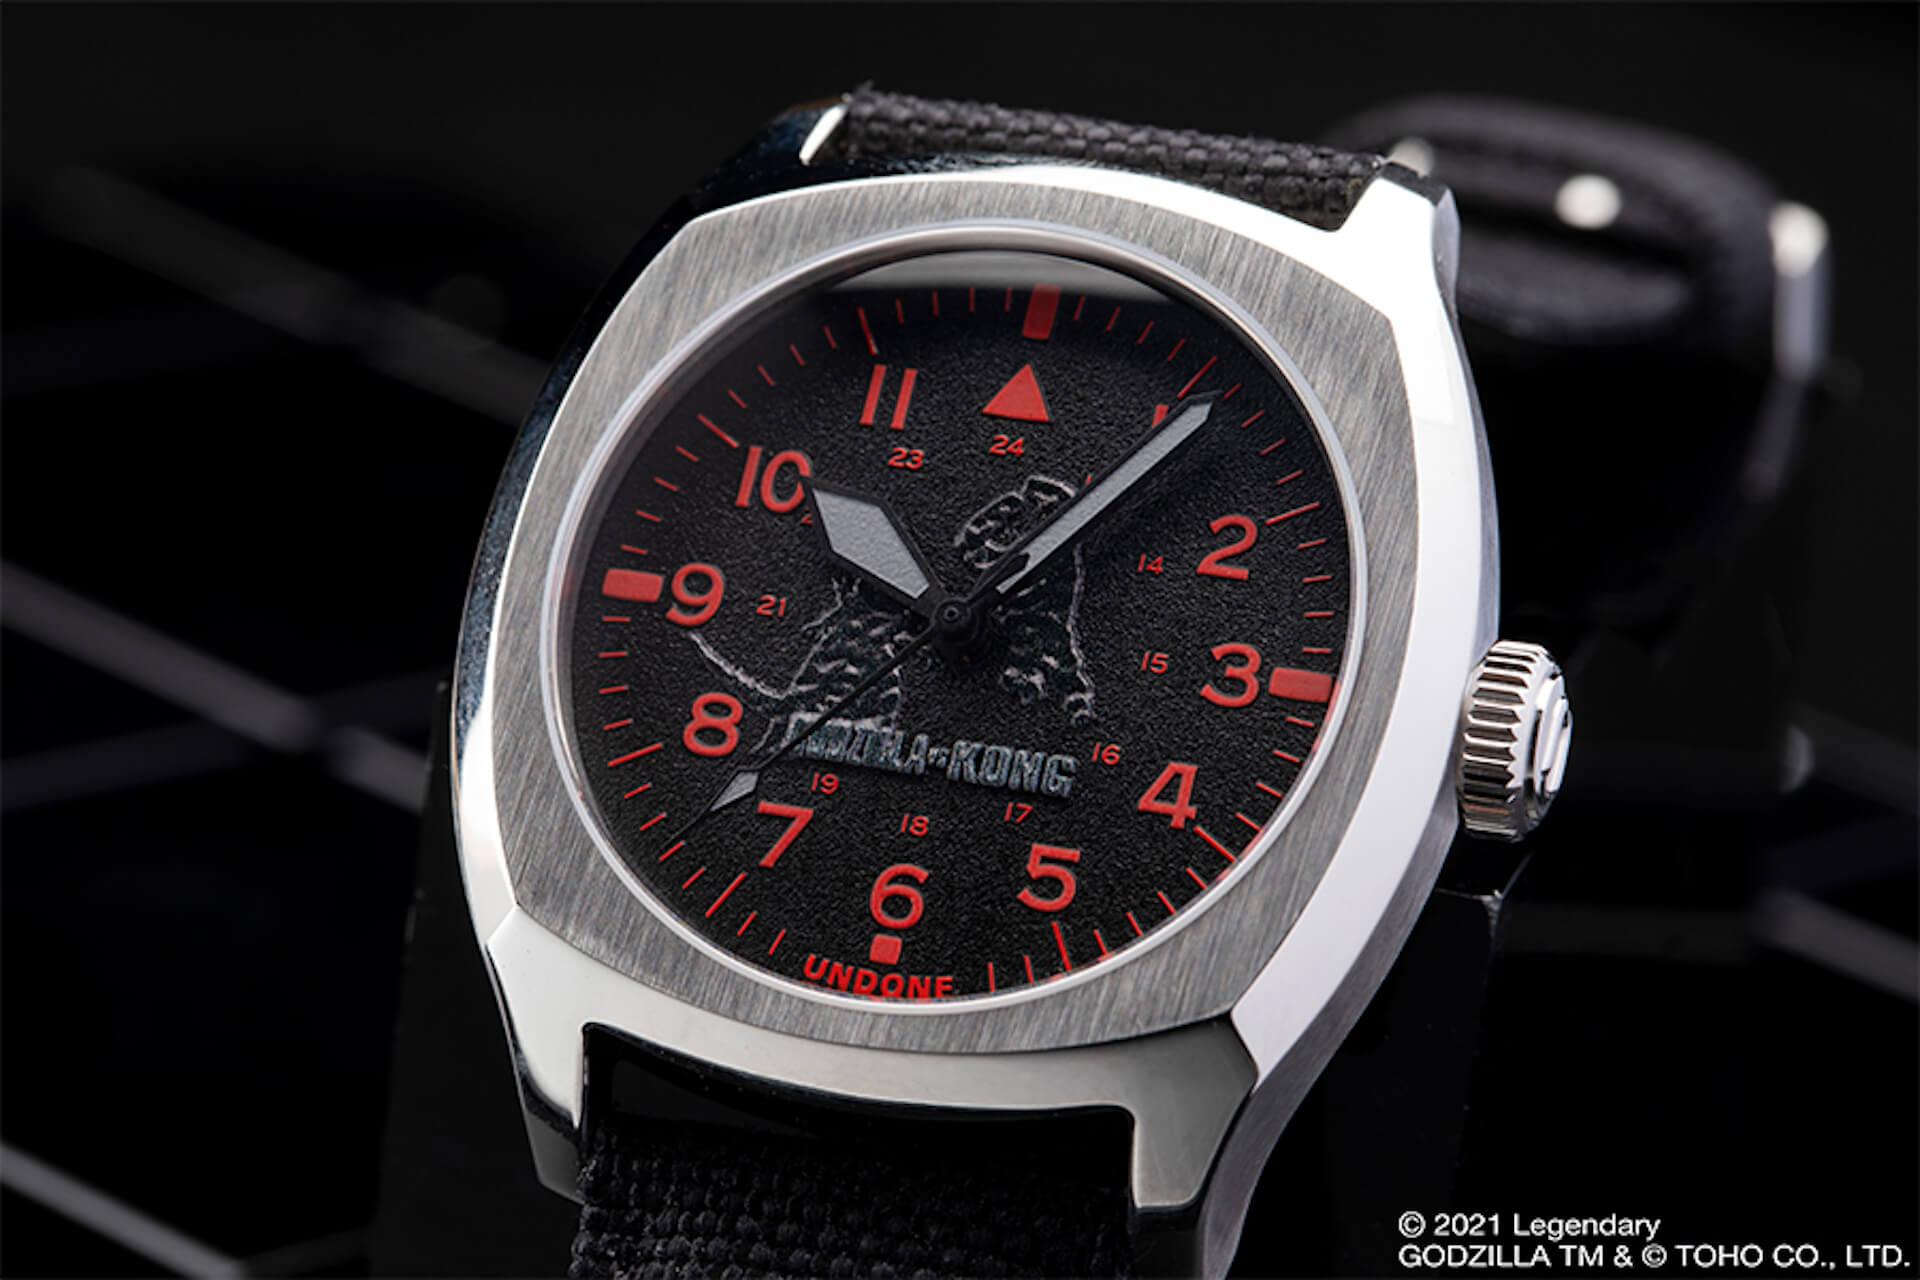 ゴジラとキングコングが腕時計に!UNDONEと『ゴジラvsコング』のコラボウォッチ2モデルが登場 tech210520_undone_godzilla_10